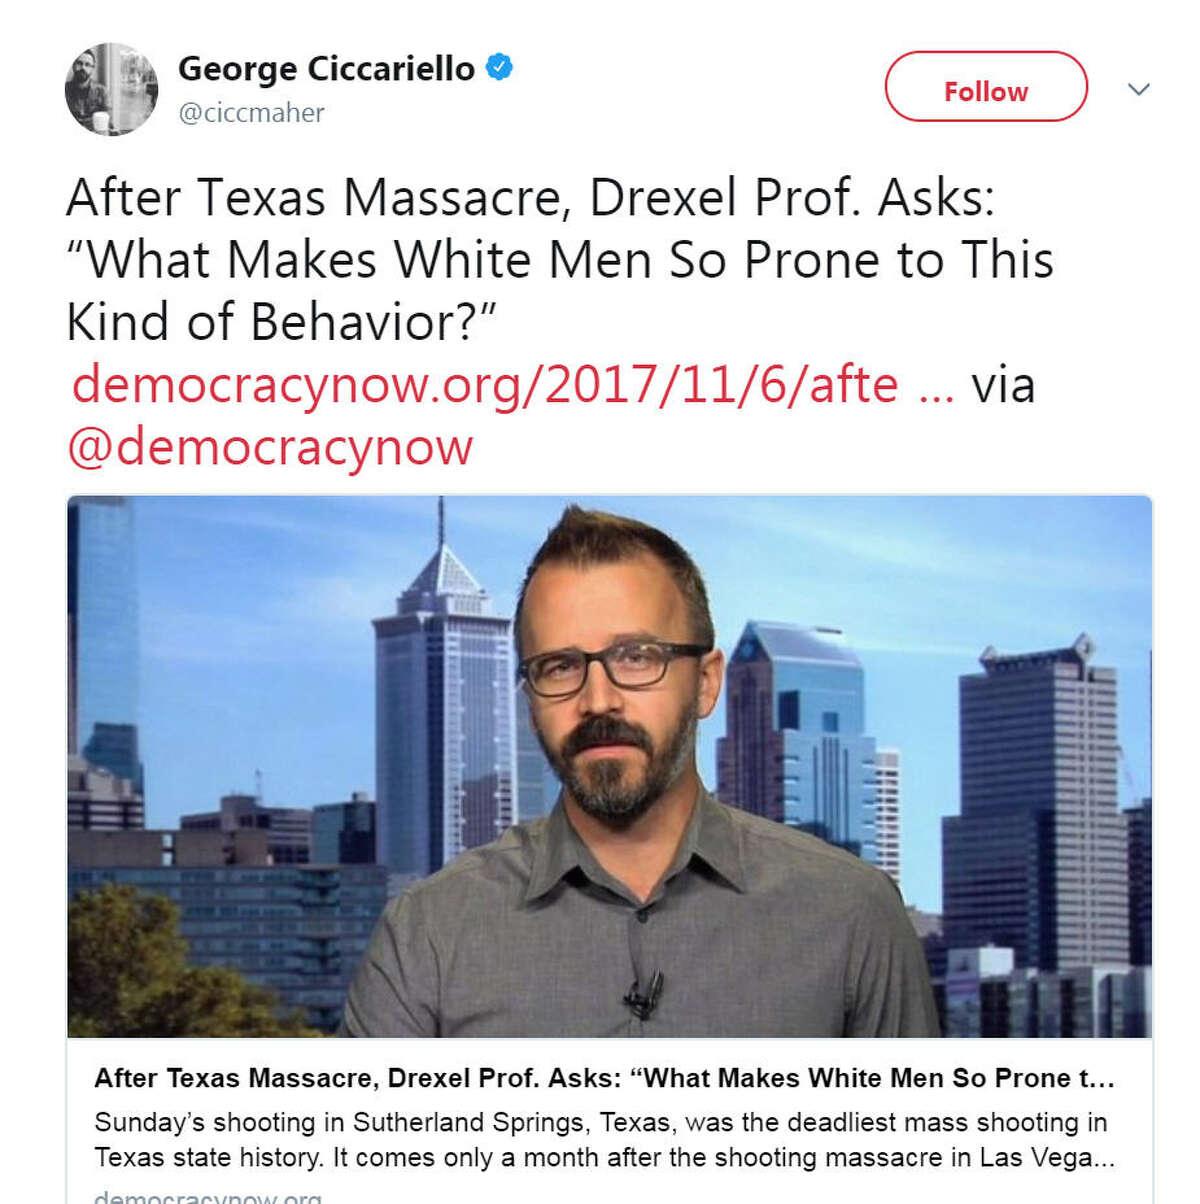 A Drexel University professor believes